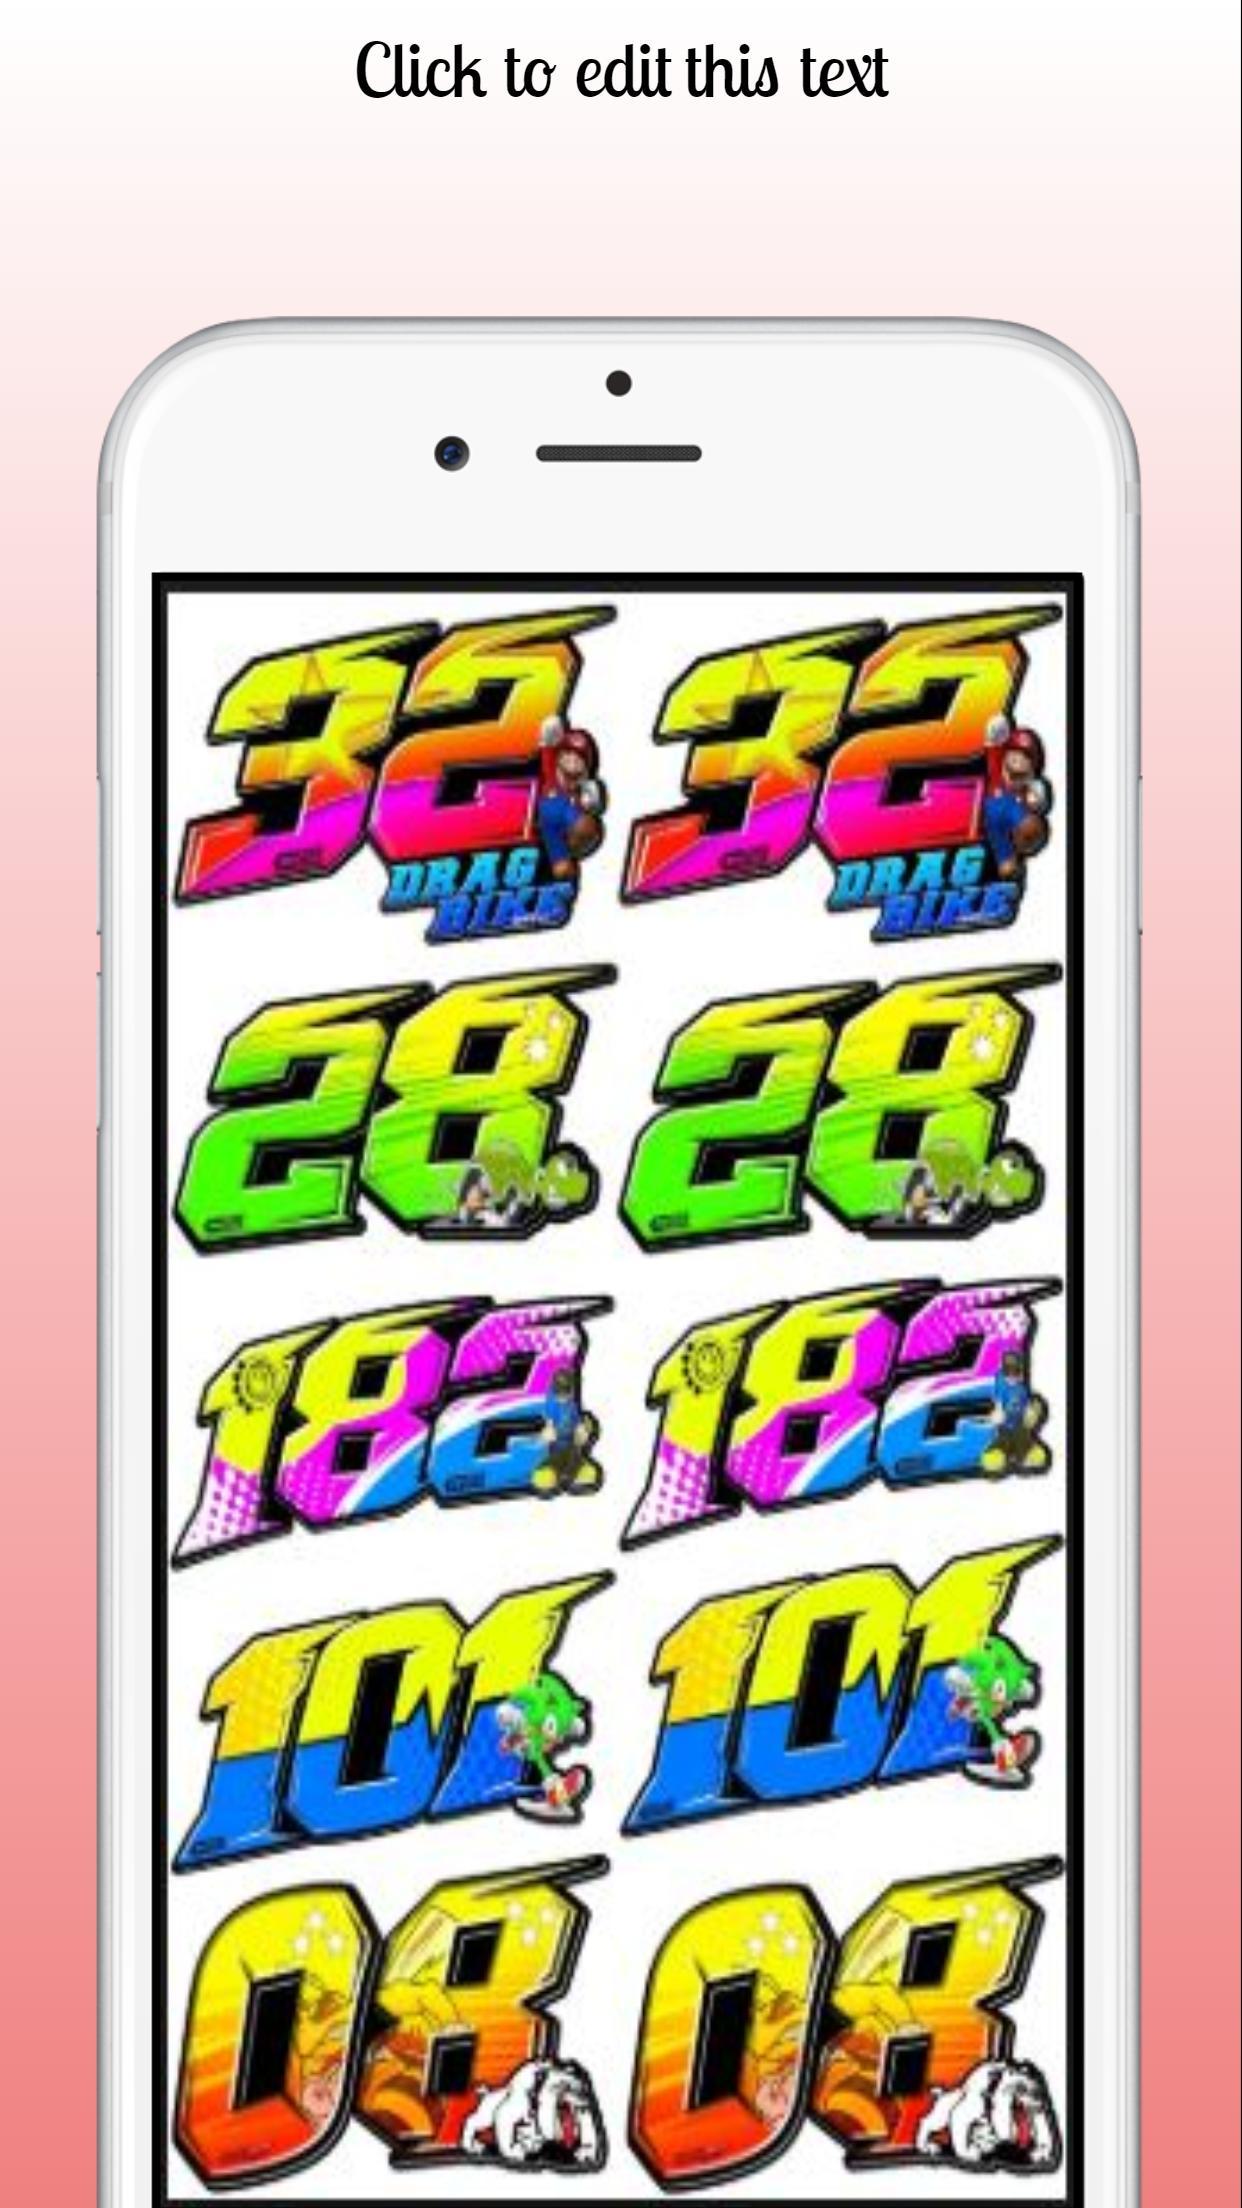 Desain stiker nomor racing screenshot 3